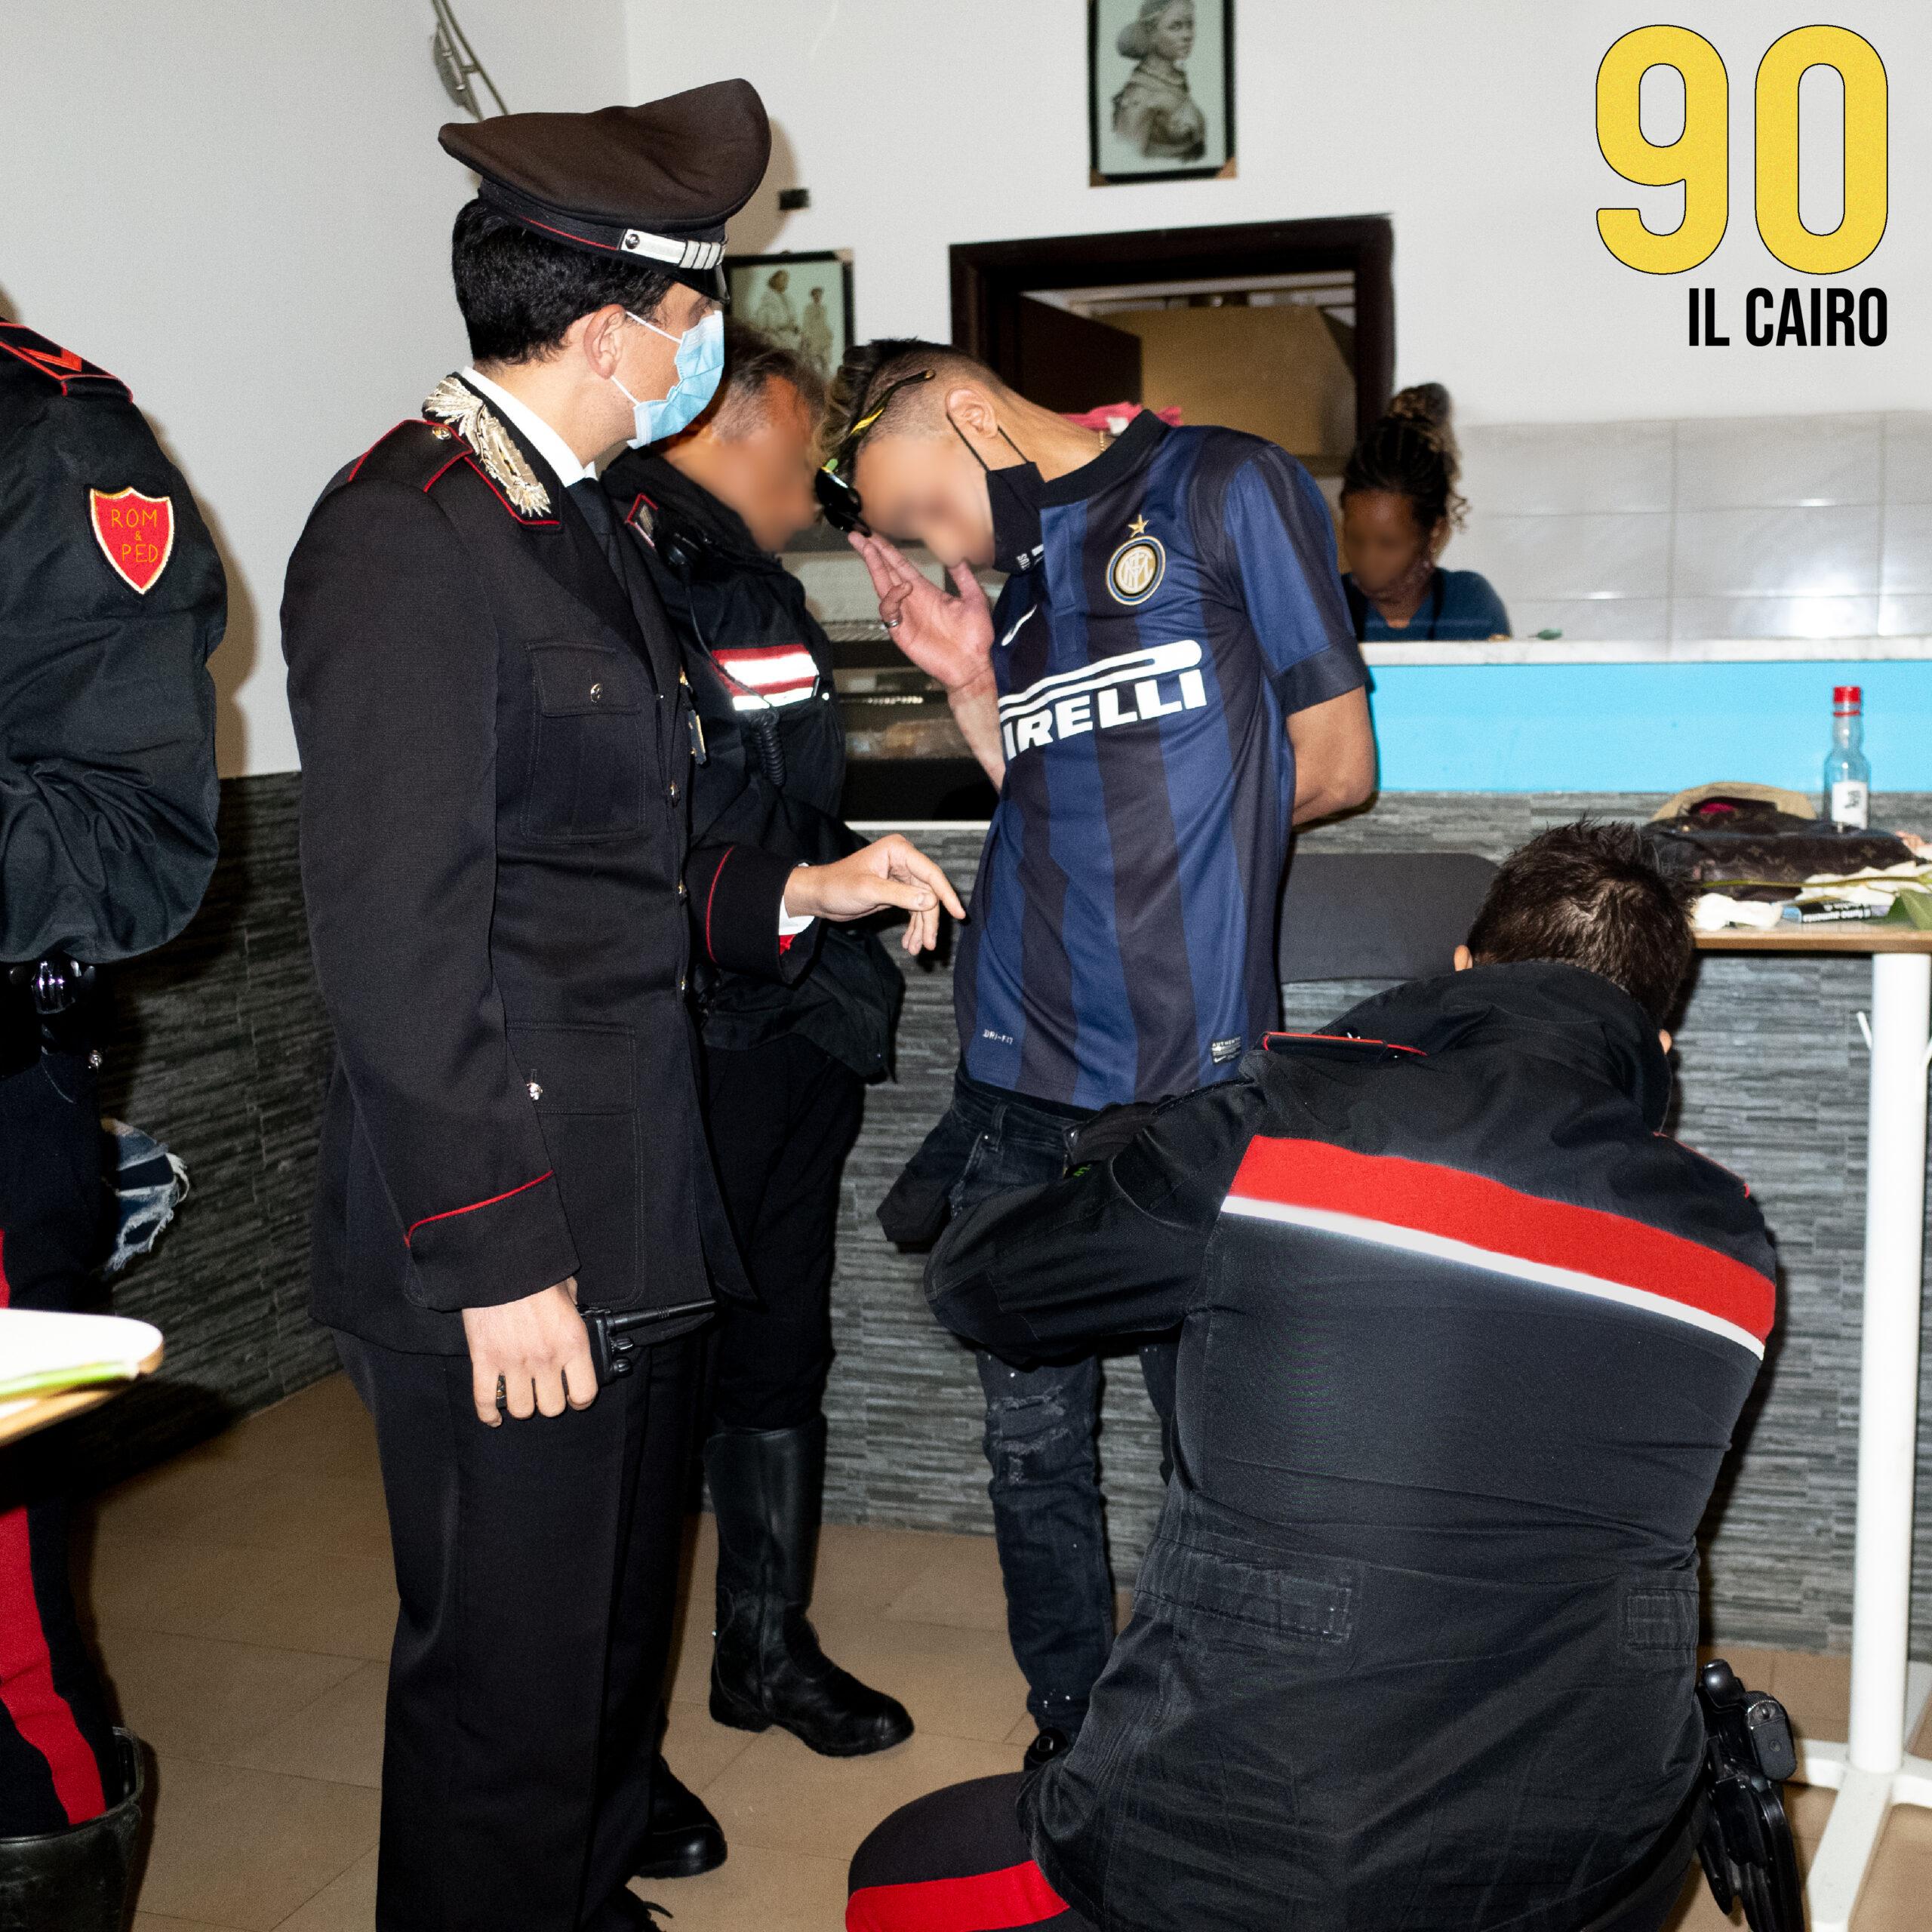 """Il Cairo presenta """"90 Circolare Destra"""""""